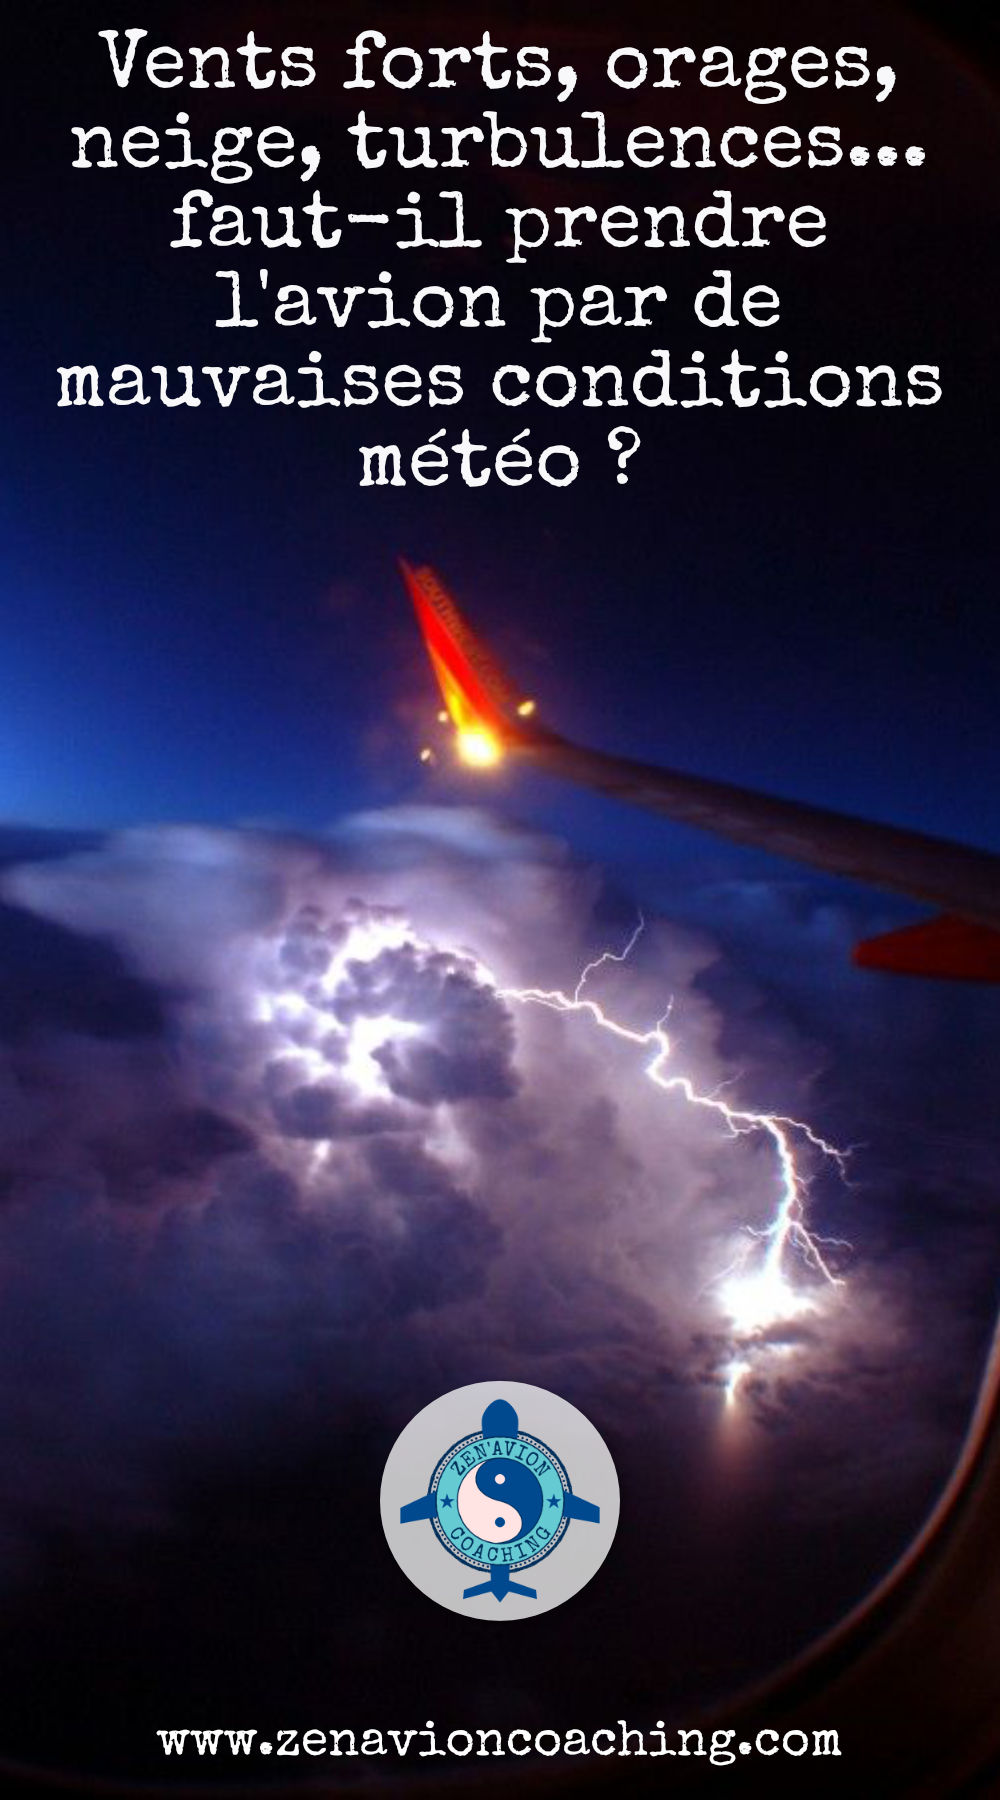 mauvaises conditions météo : faut-il prendre l'avion ?